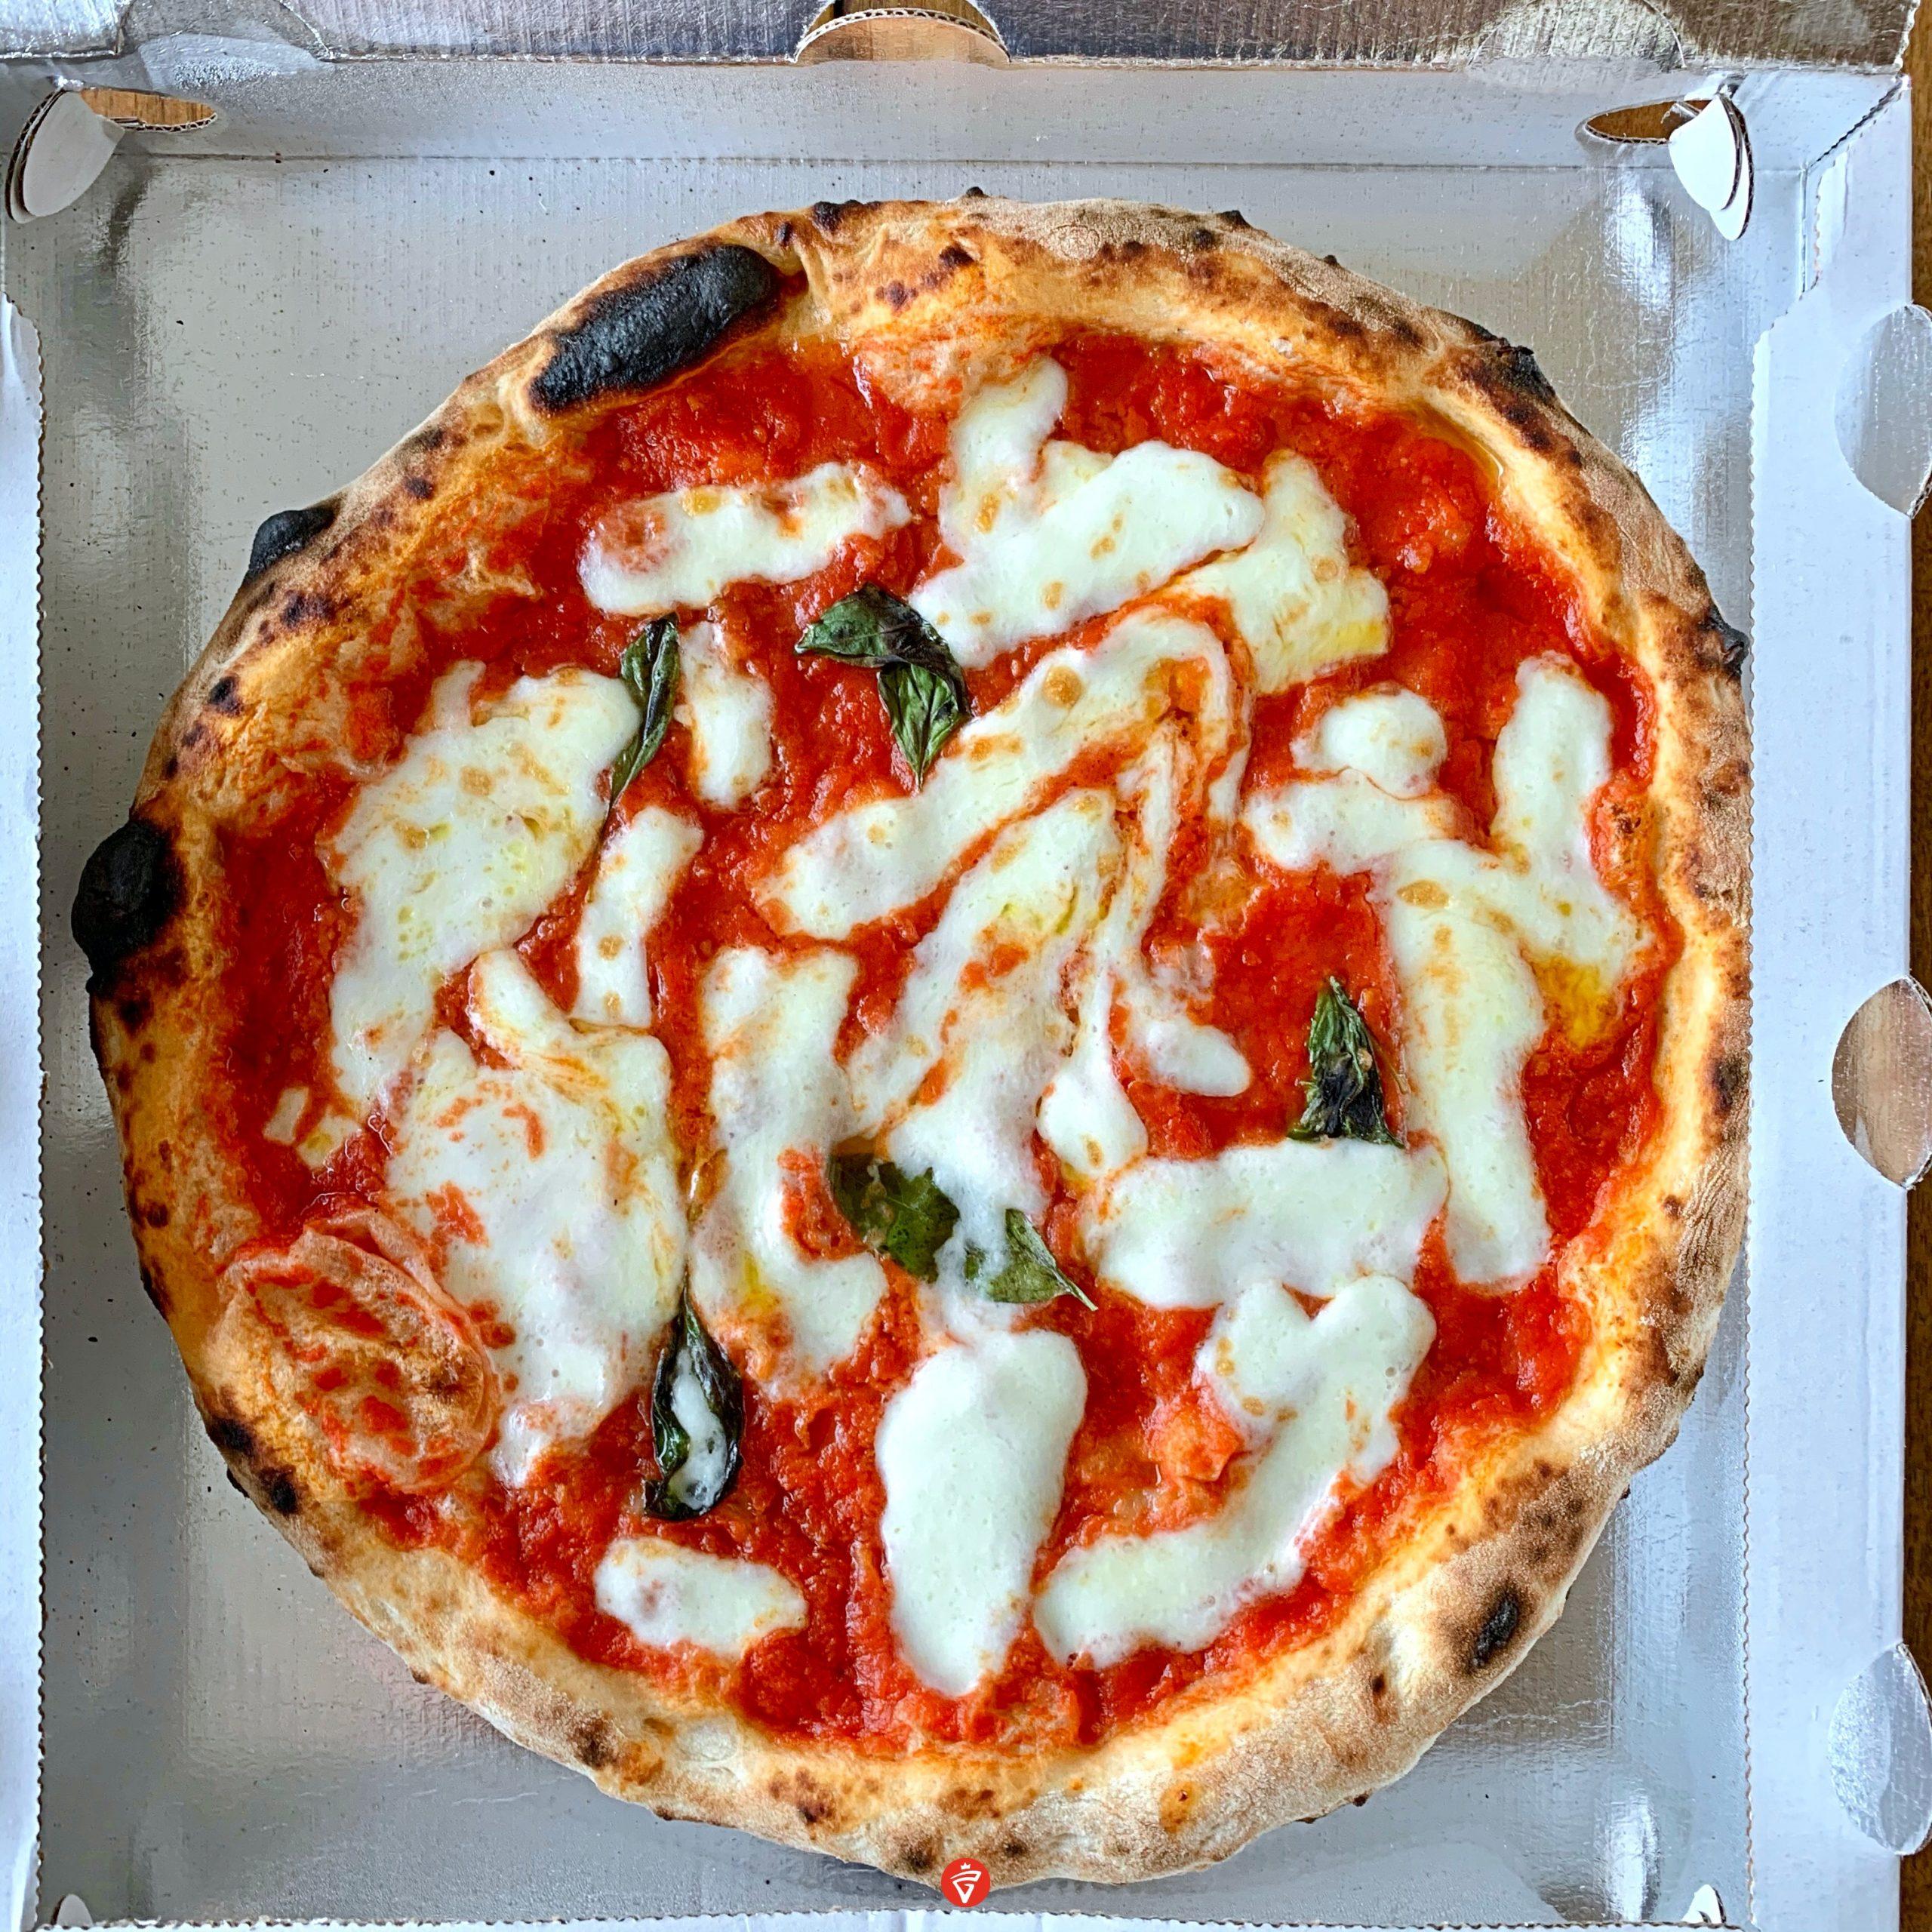 Le polemiche sul Delivery Pizza in Campania, il processo mediatico a Gino Sorbillo